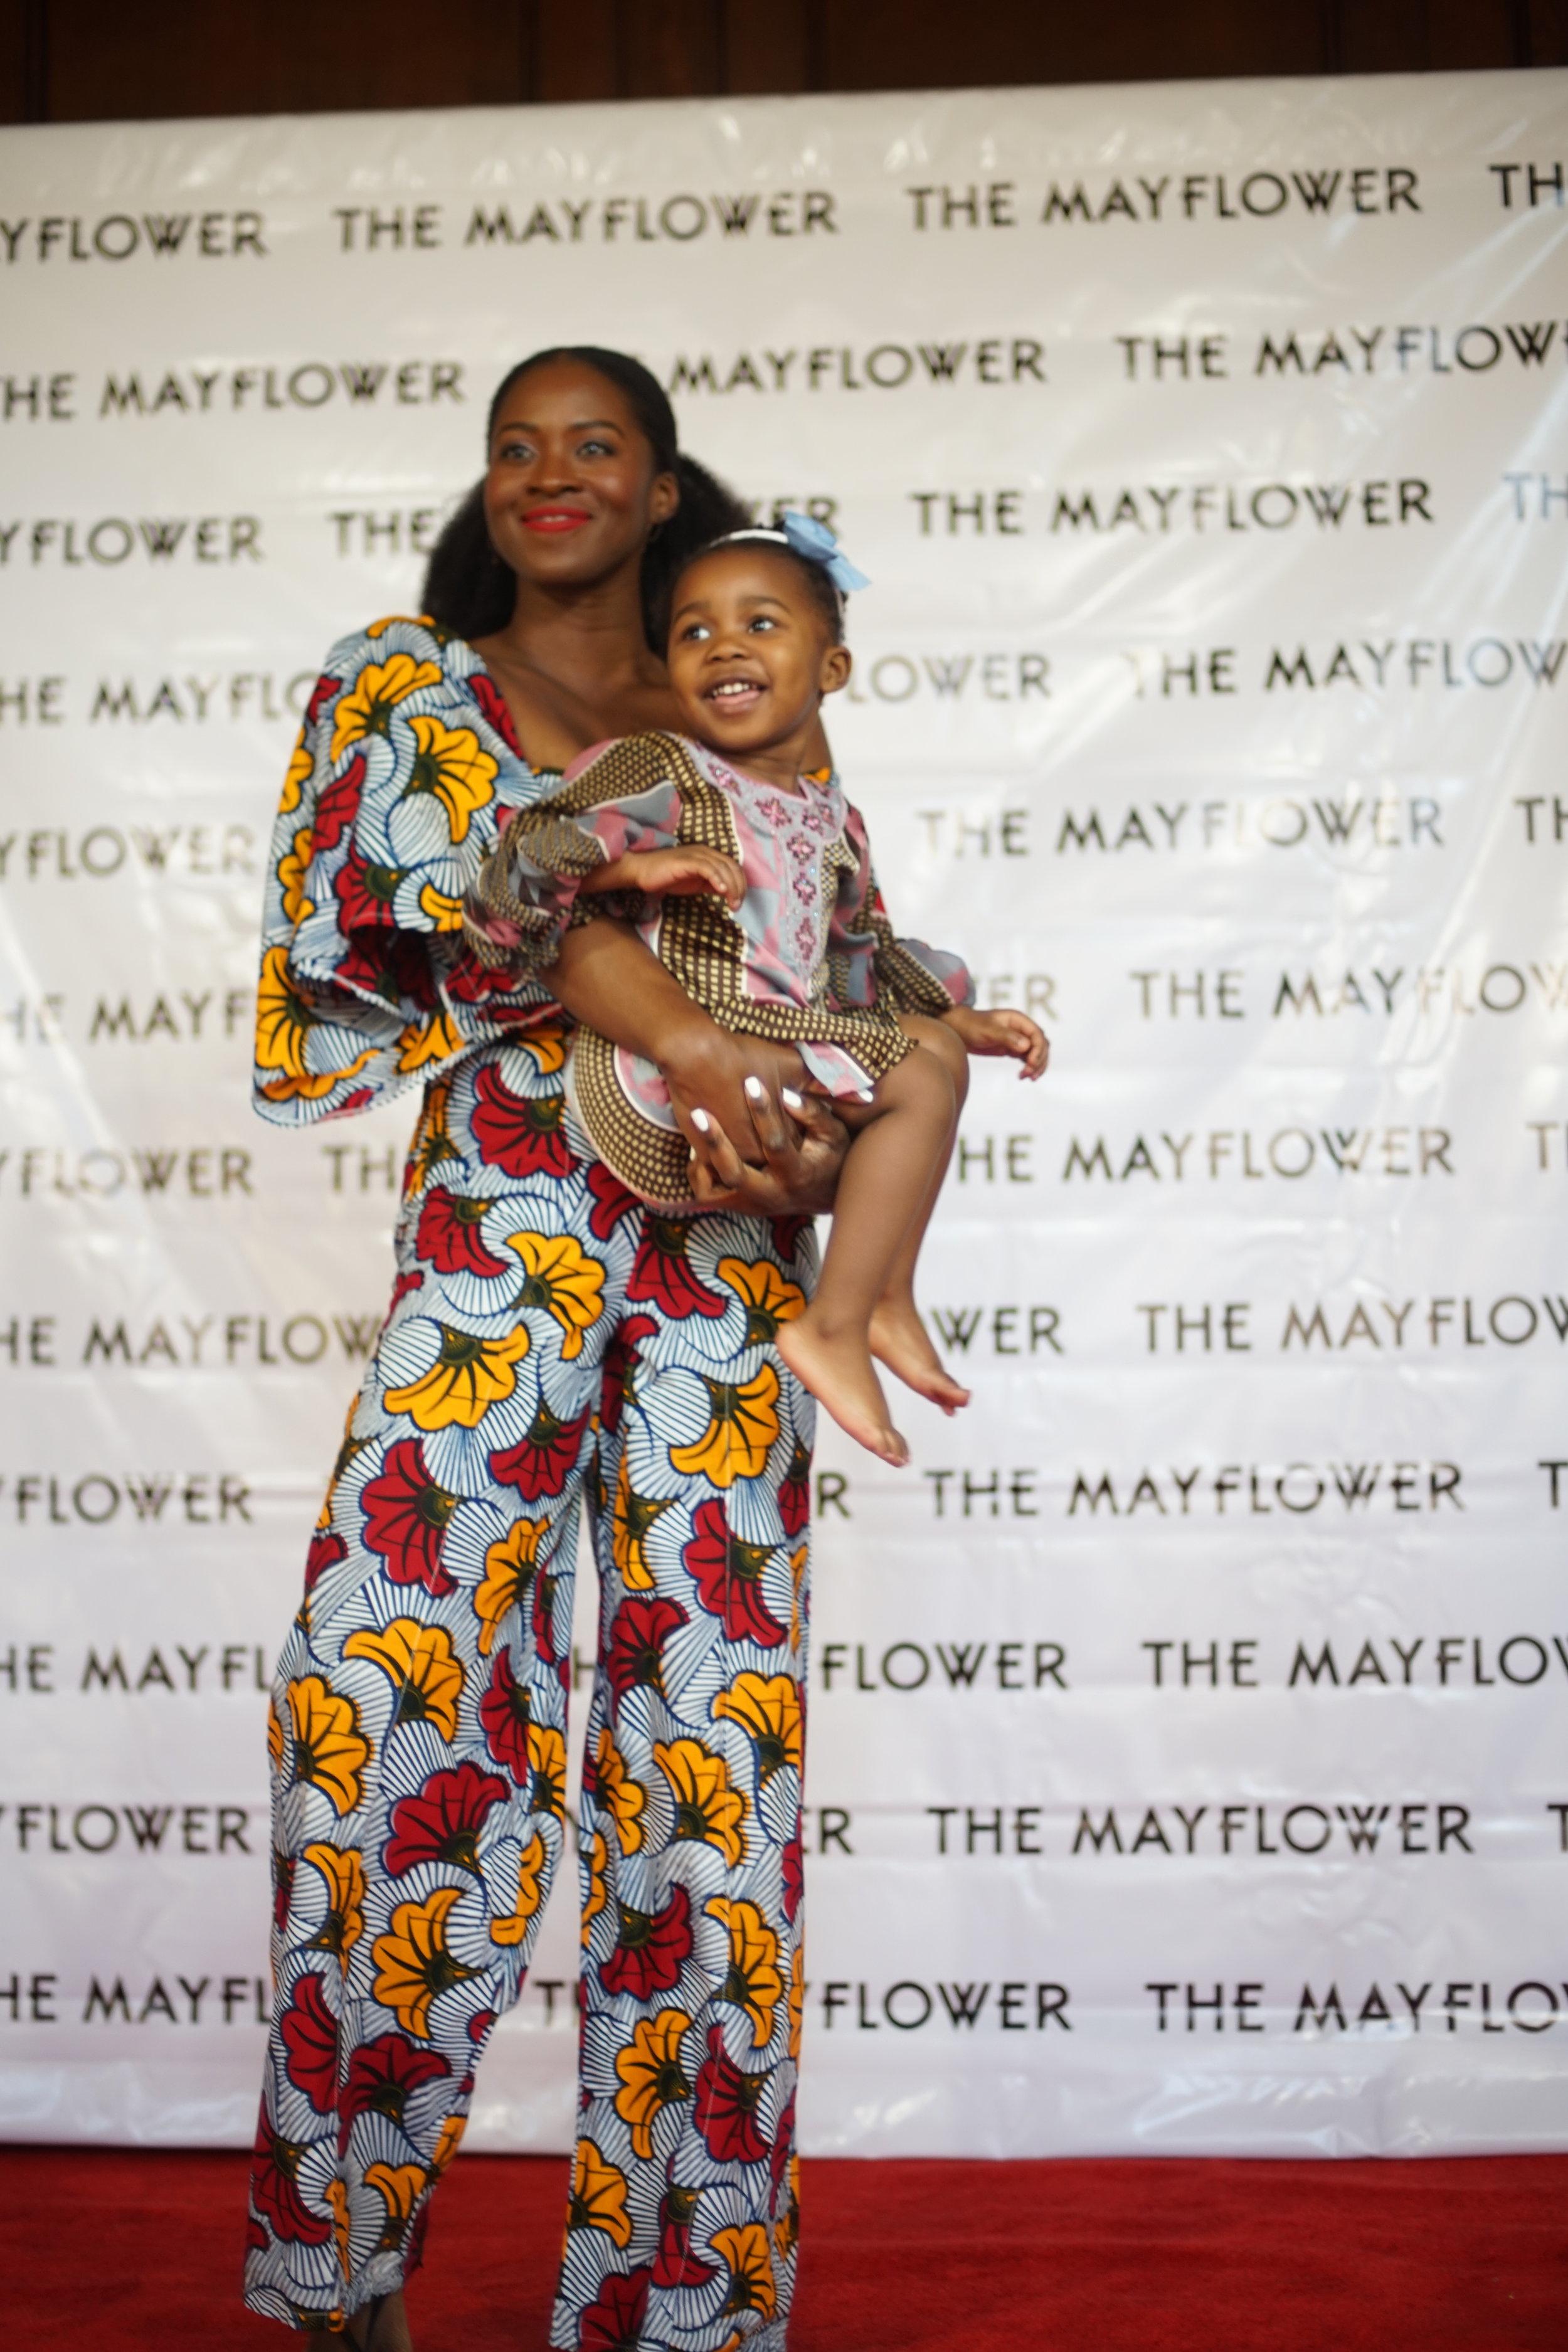 Creator & Writer Eposi Litumbe & Child Actor Nadia Mustapha | Photo courtesy of George Carle